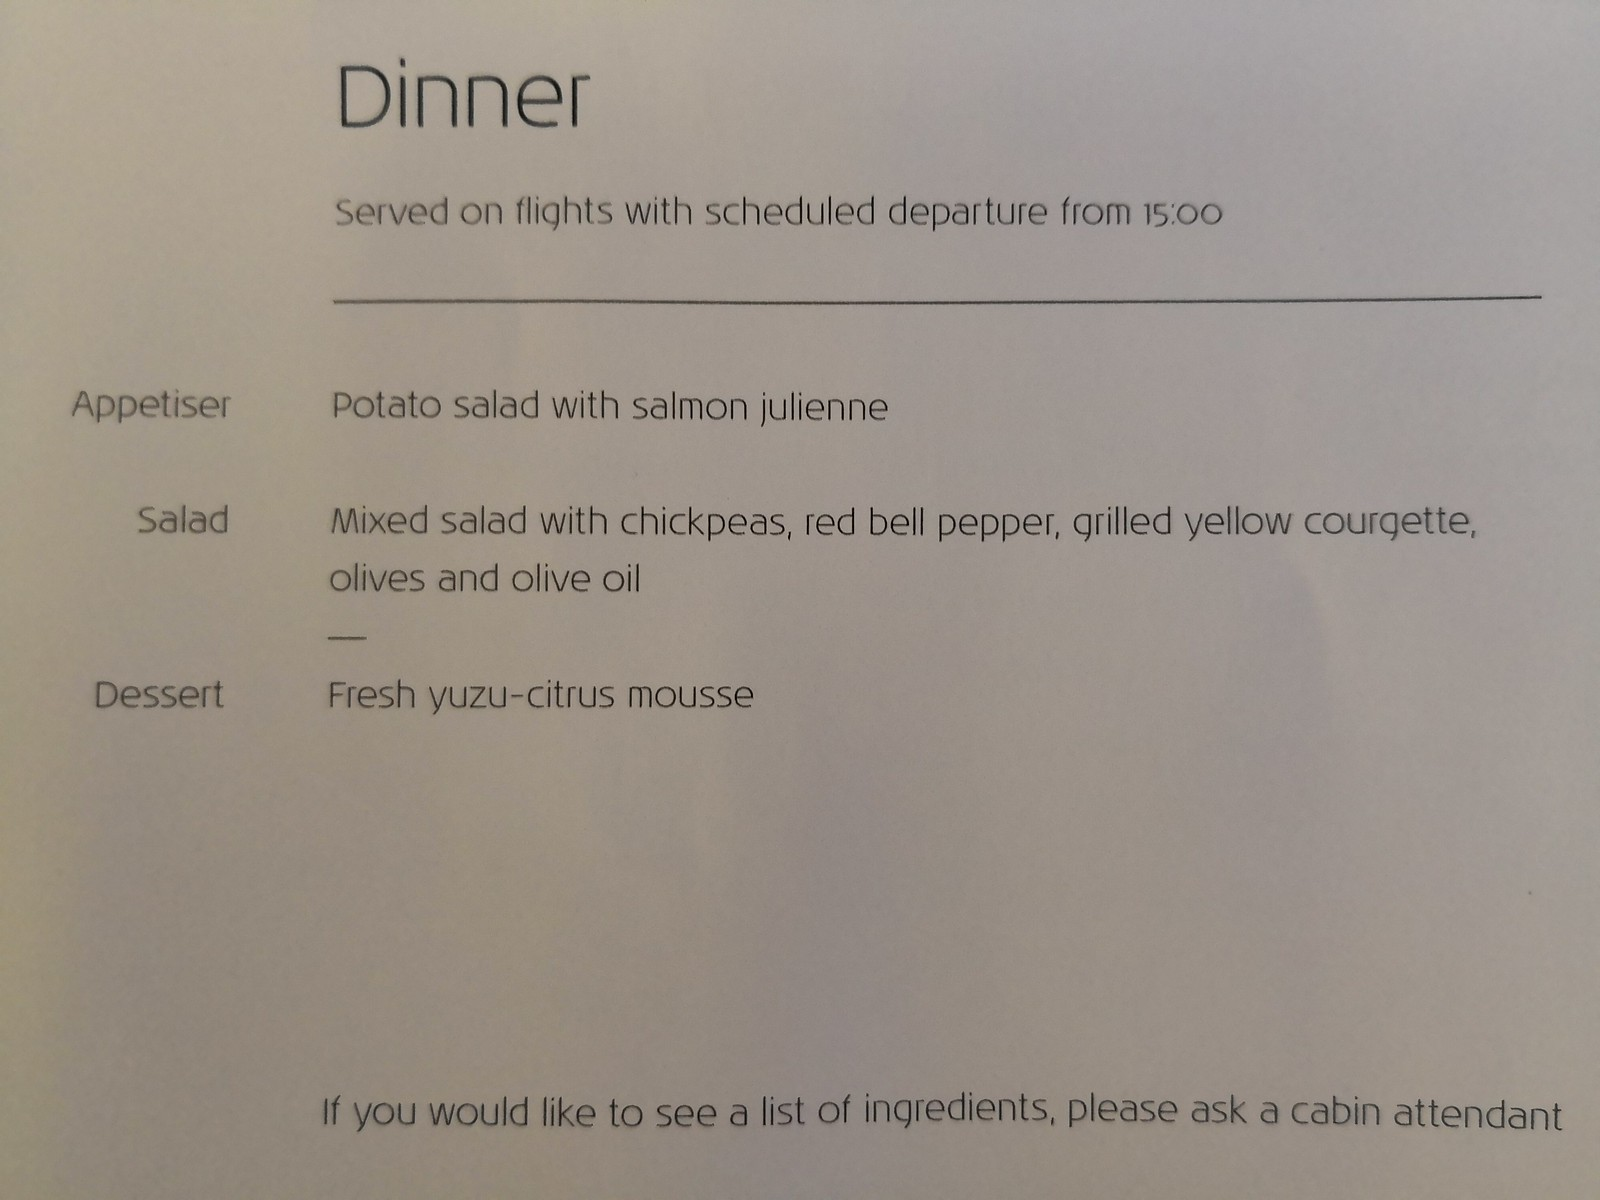 Dinner menu